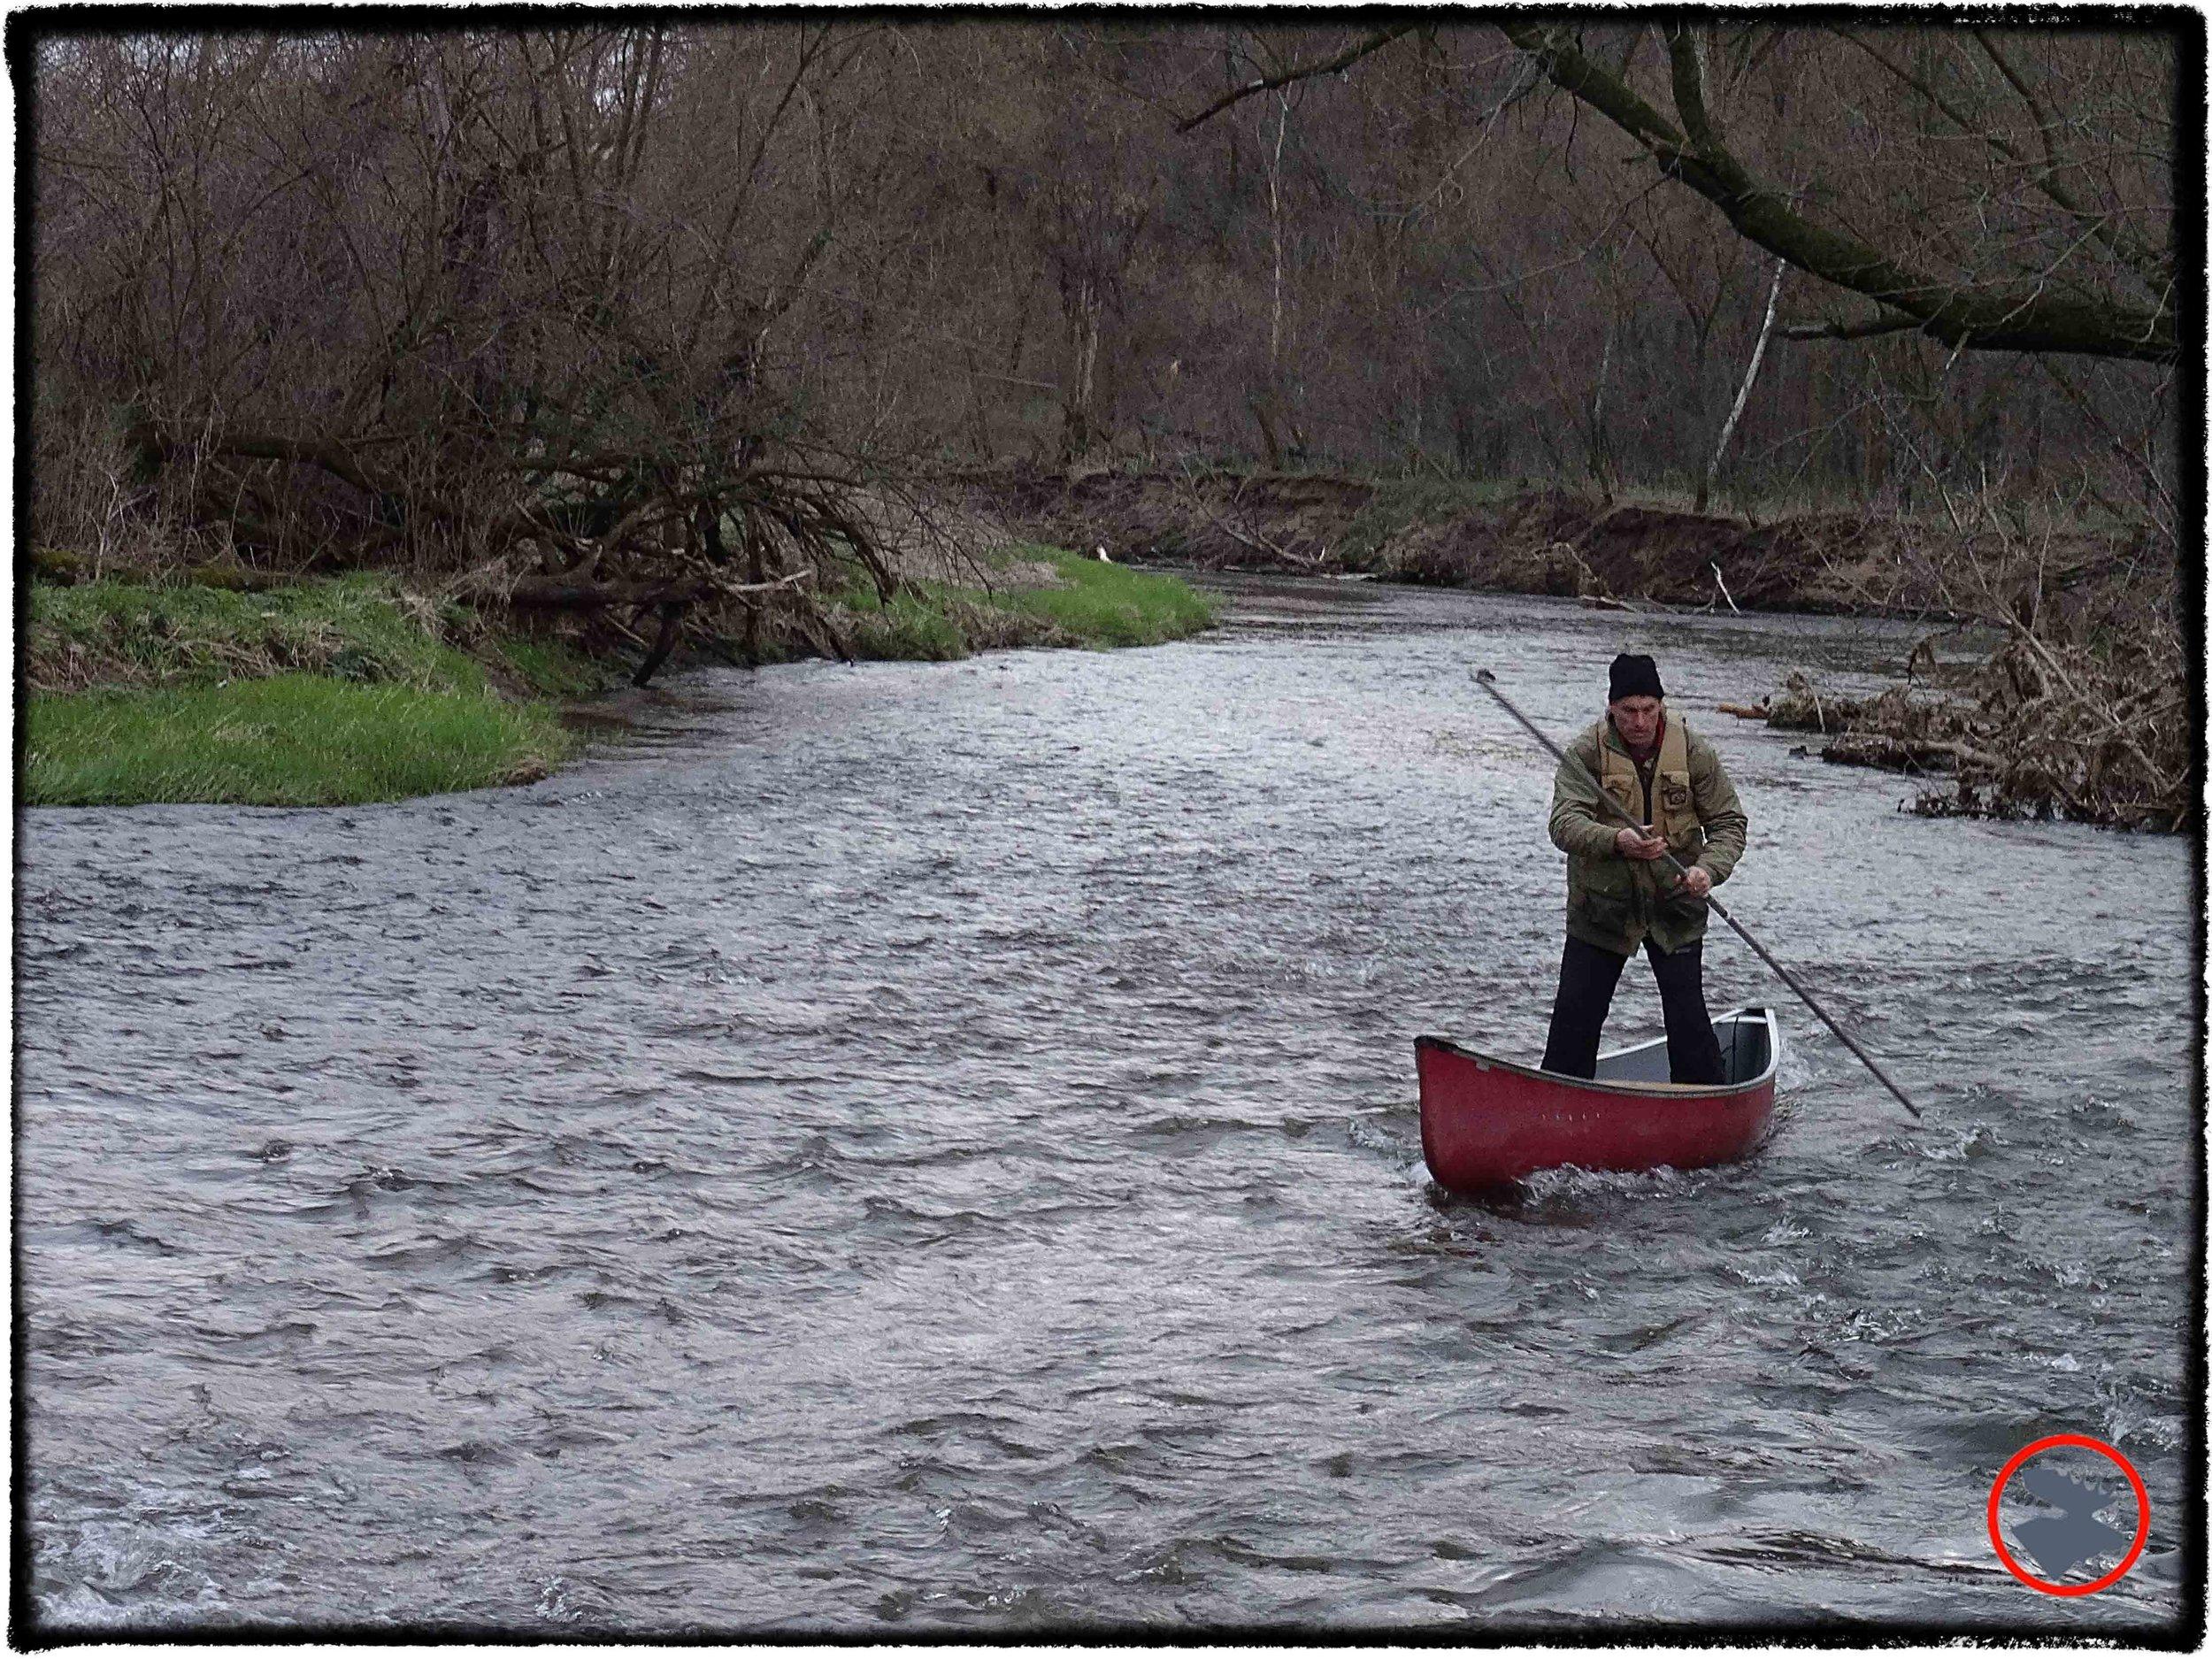 BMP-Post_Kinnickinnic-River_Scott-Canoe-Poling2_May-2014.jpg